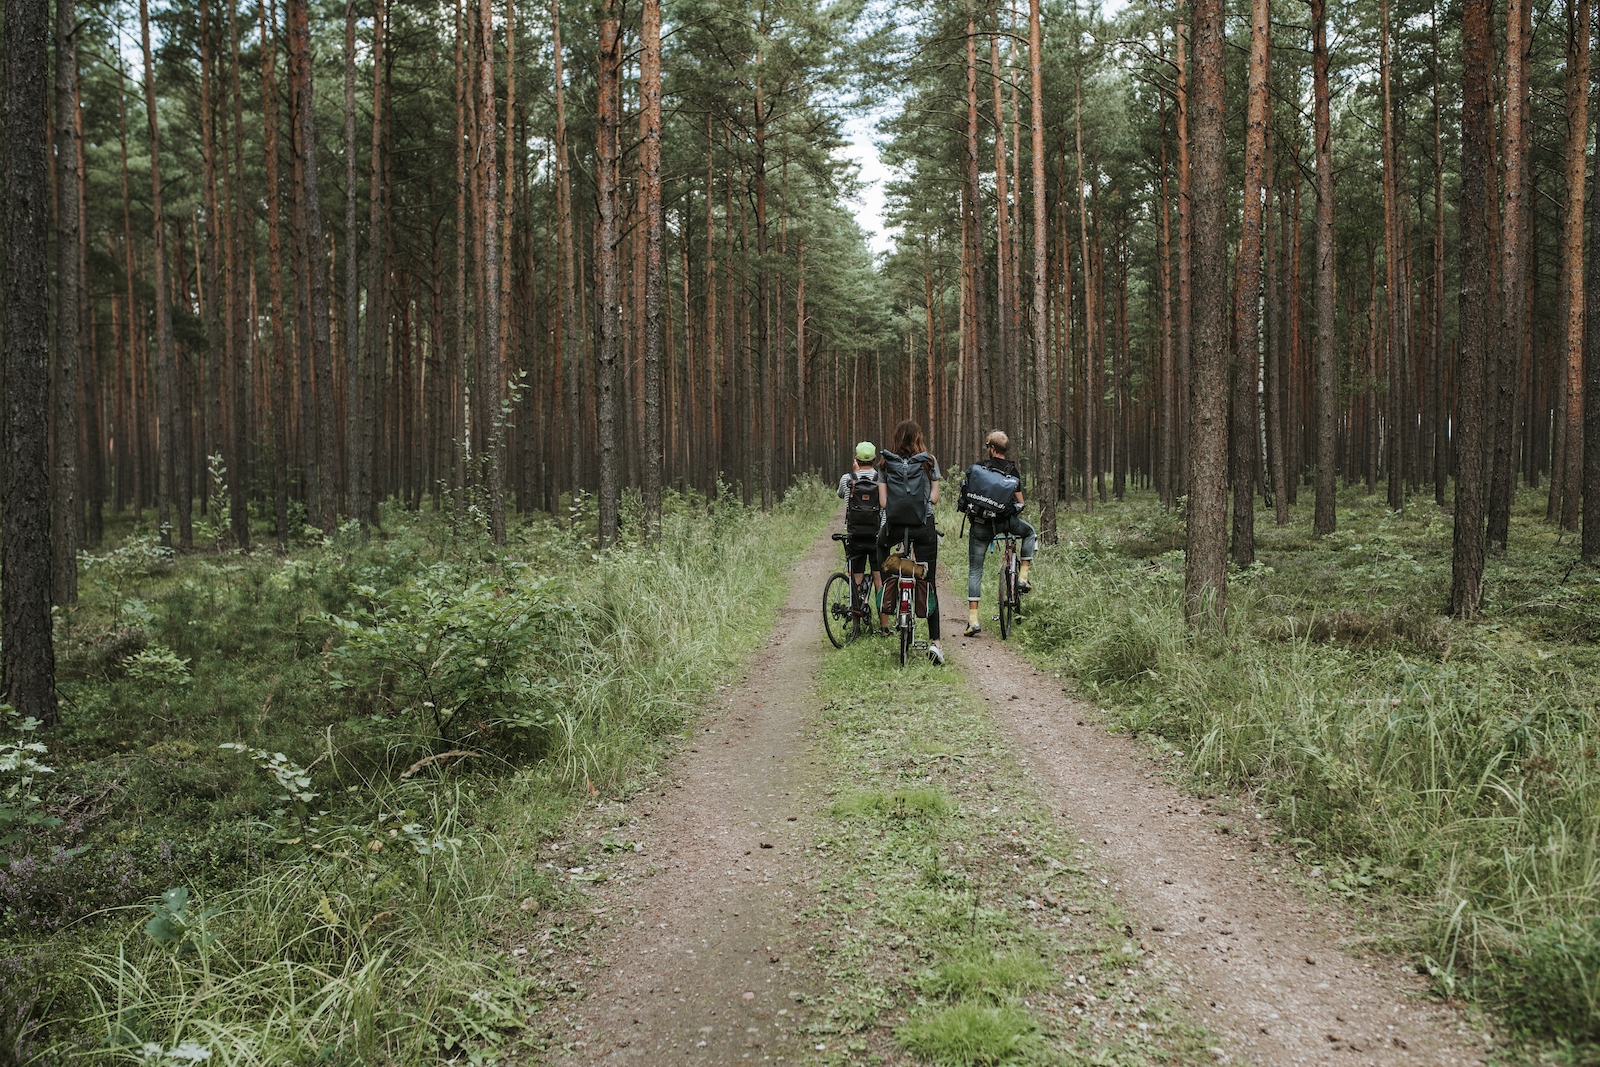 wecyclebrandenburg_(c)Madlen_Krippendorf_bredereiche23.jpg